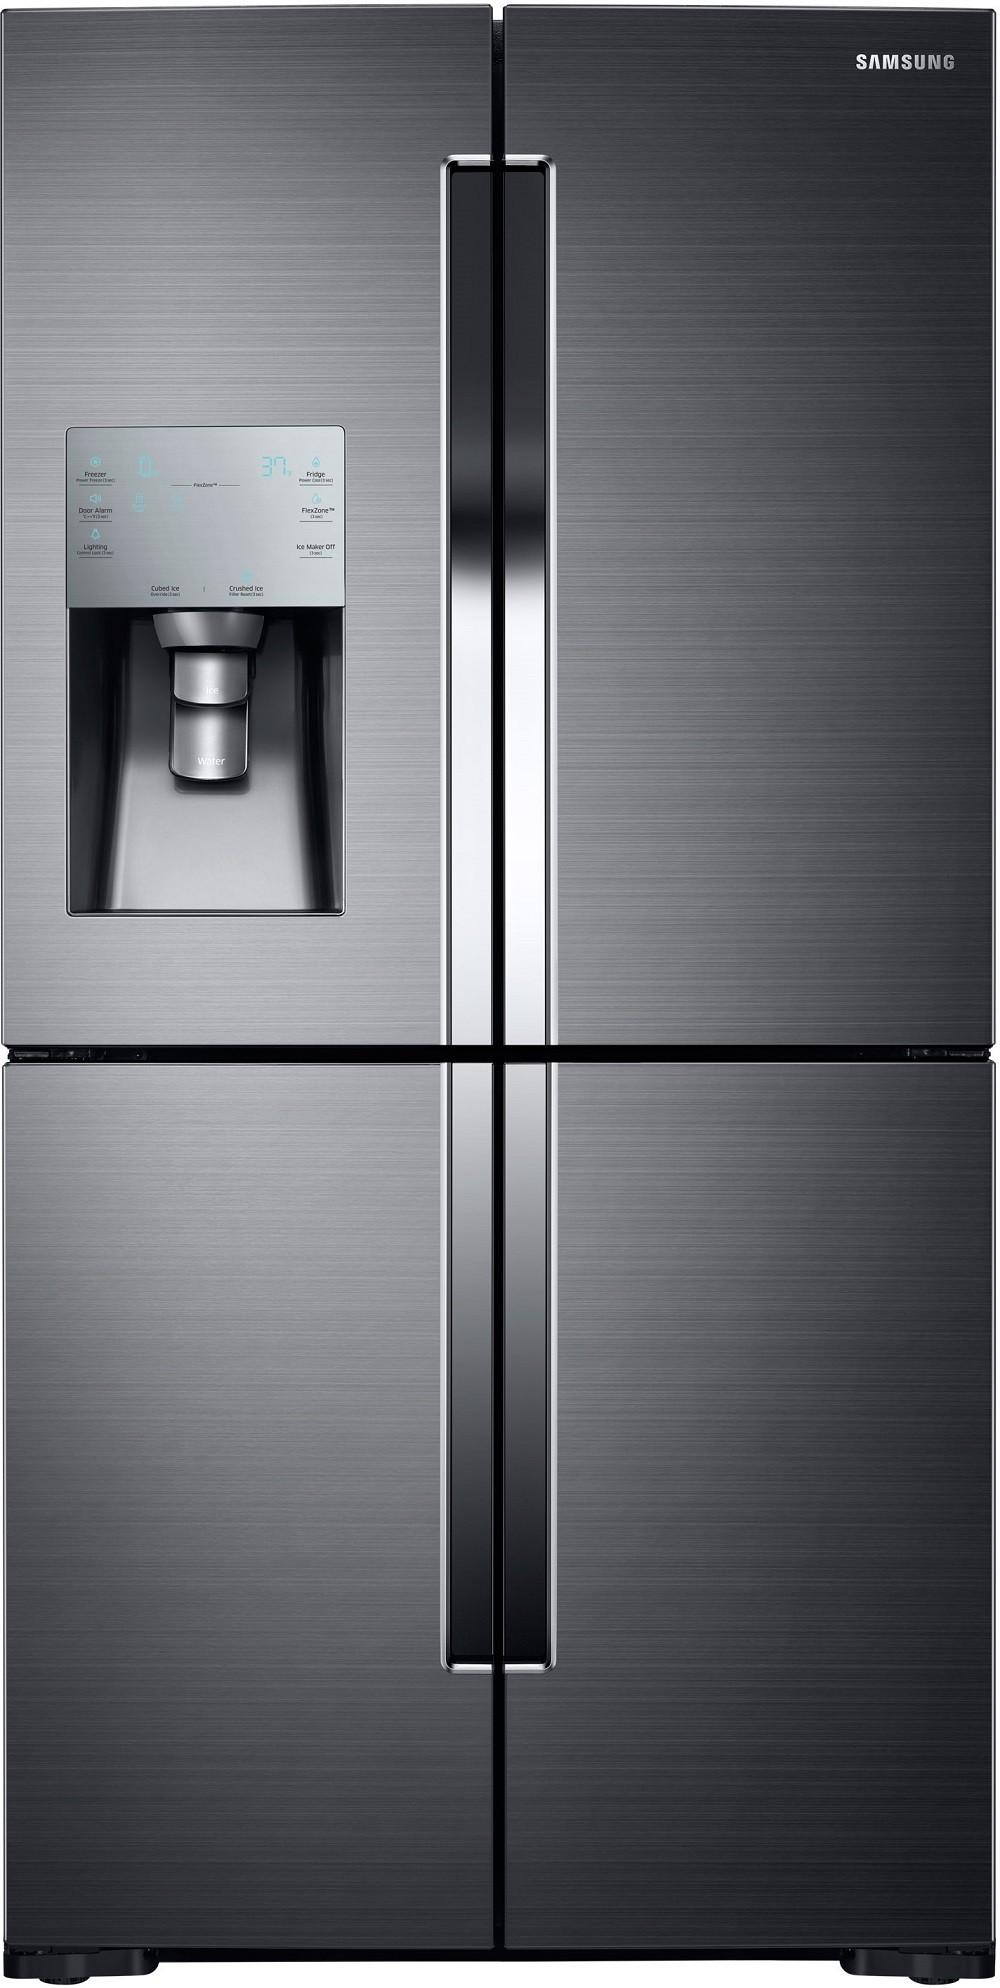 total capacity 26 32 9 cu ft refrigerators